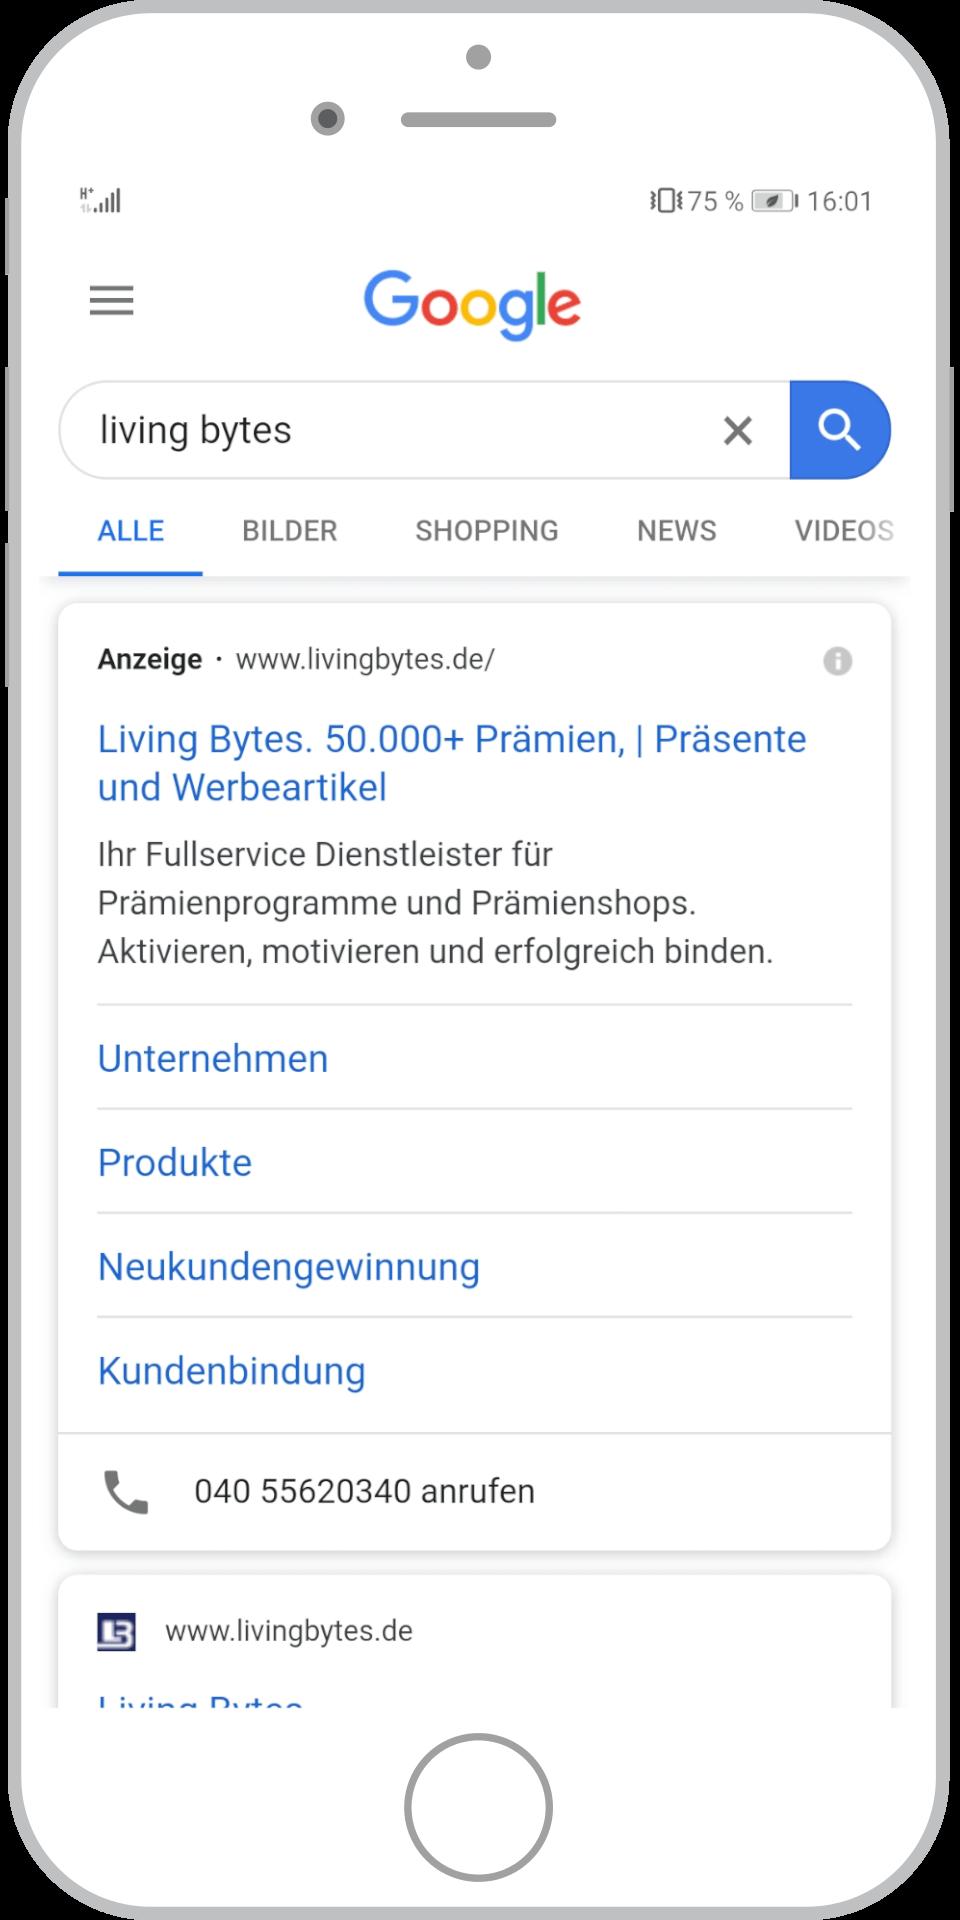 Google-Ads-Agentur-Hamburg Beispielanzeige Mobil